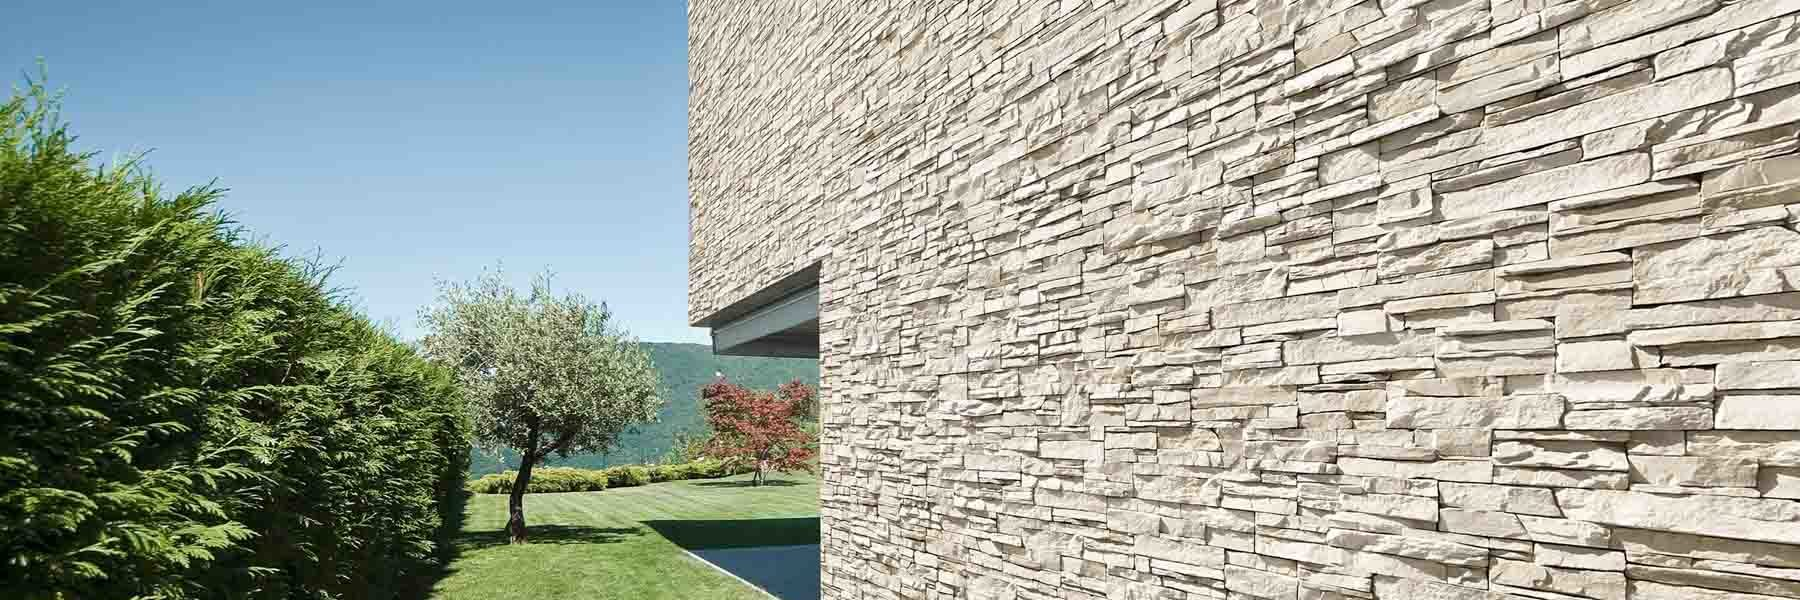 Pan de mur extérieur en pierre de parement acl siena couleur sable